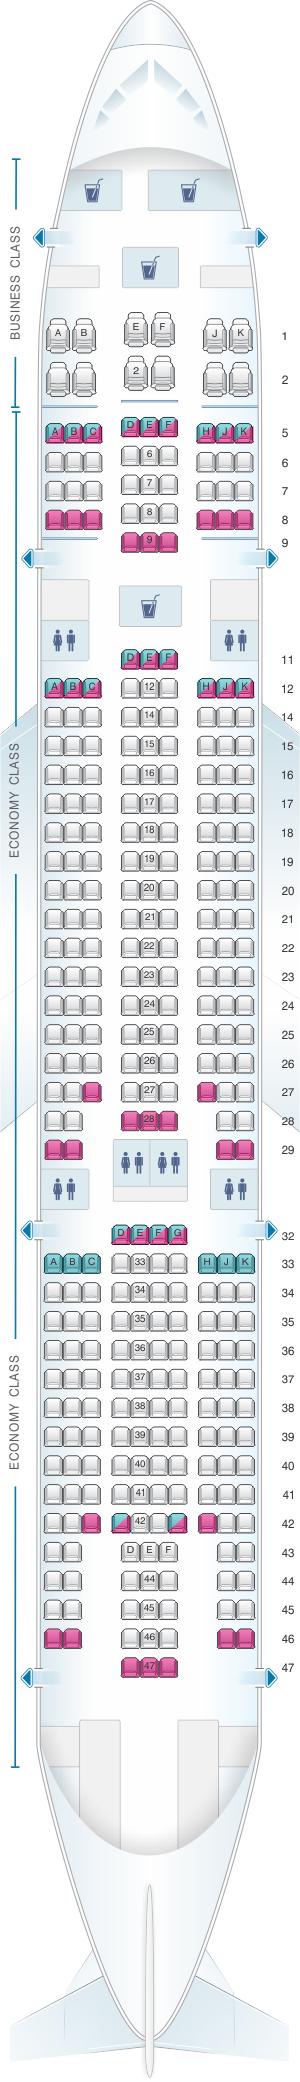 Seat map for Air Caraibes Airbus A330 200